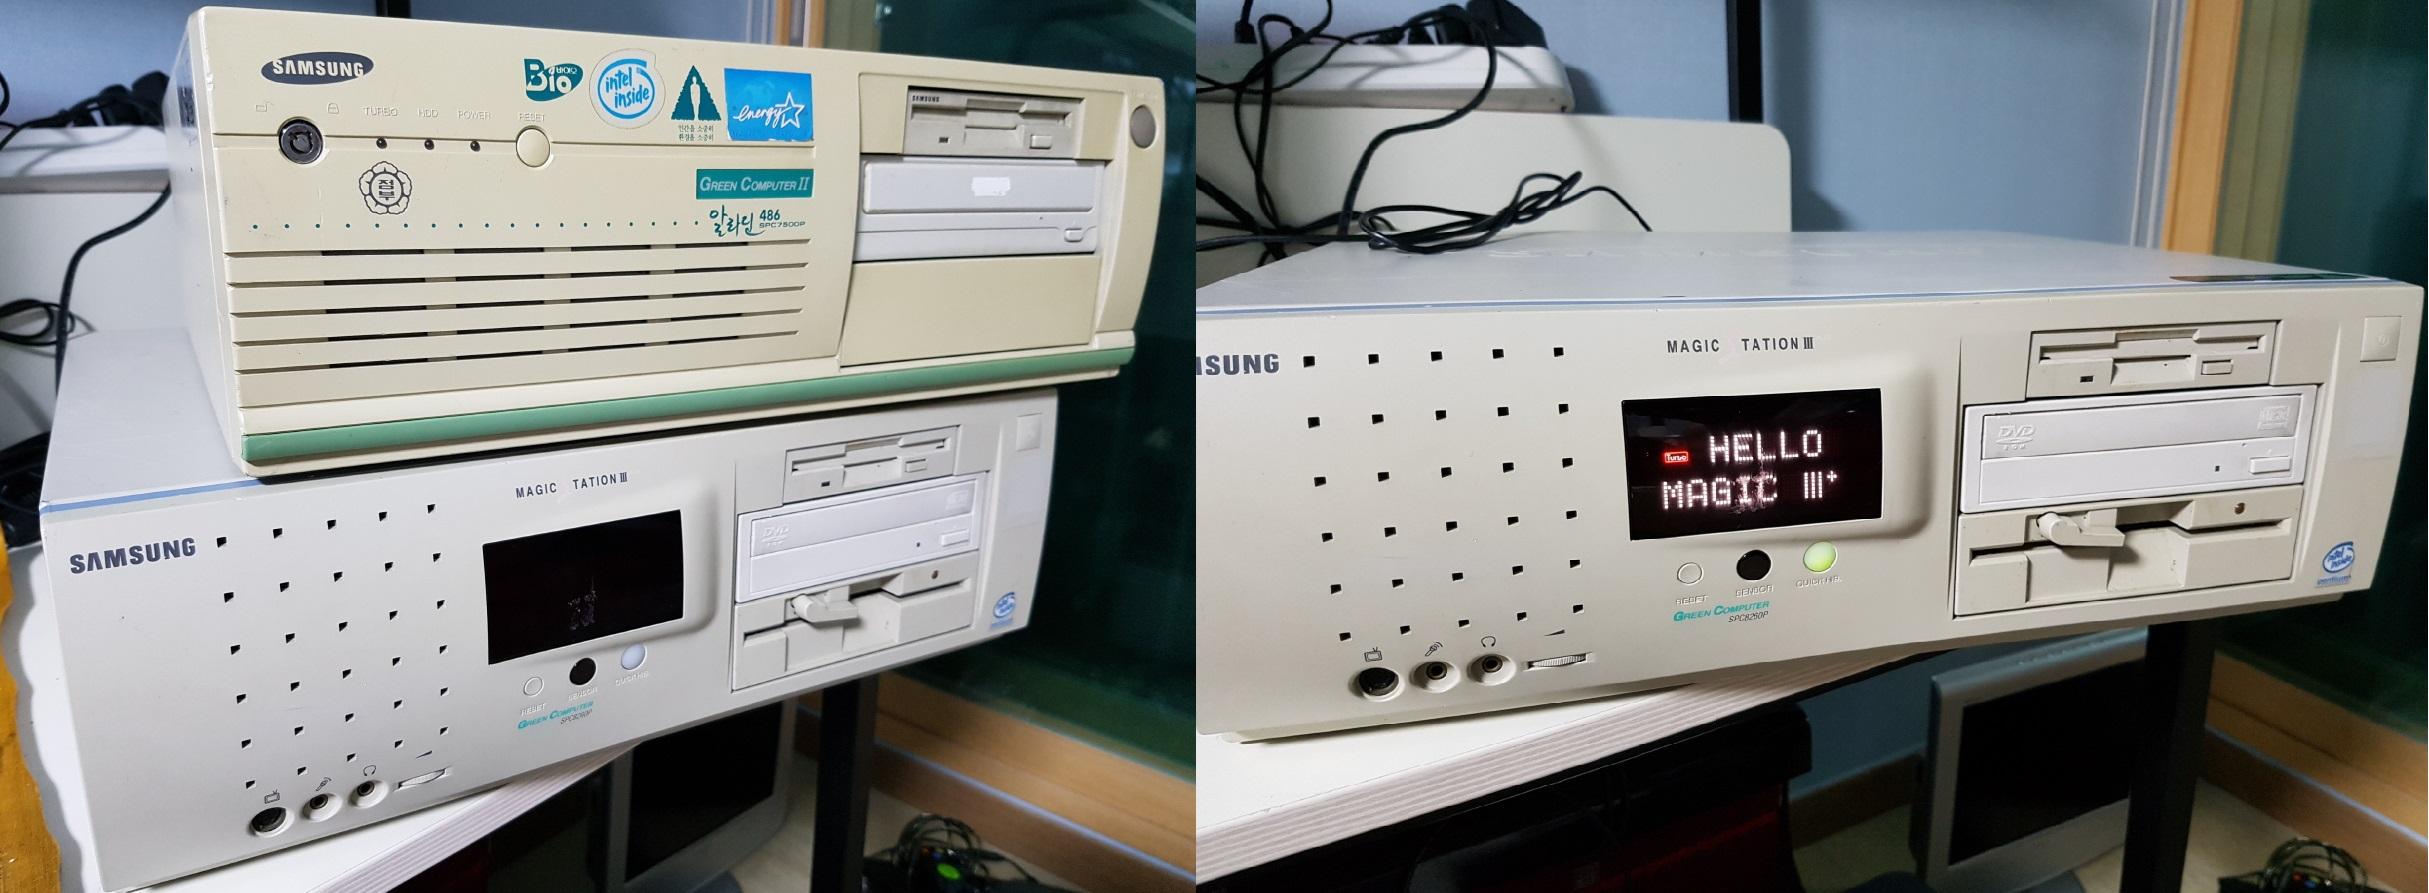 알라딘486(모델명 'SPC7500P', 사진 위)과 매직스테이션3(모델명 'SPC8260P')